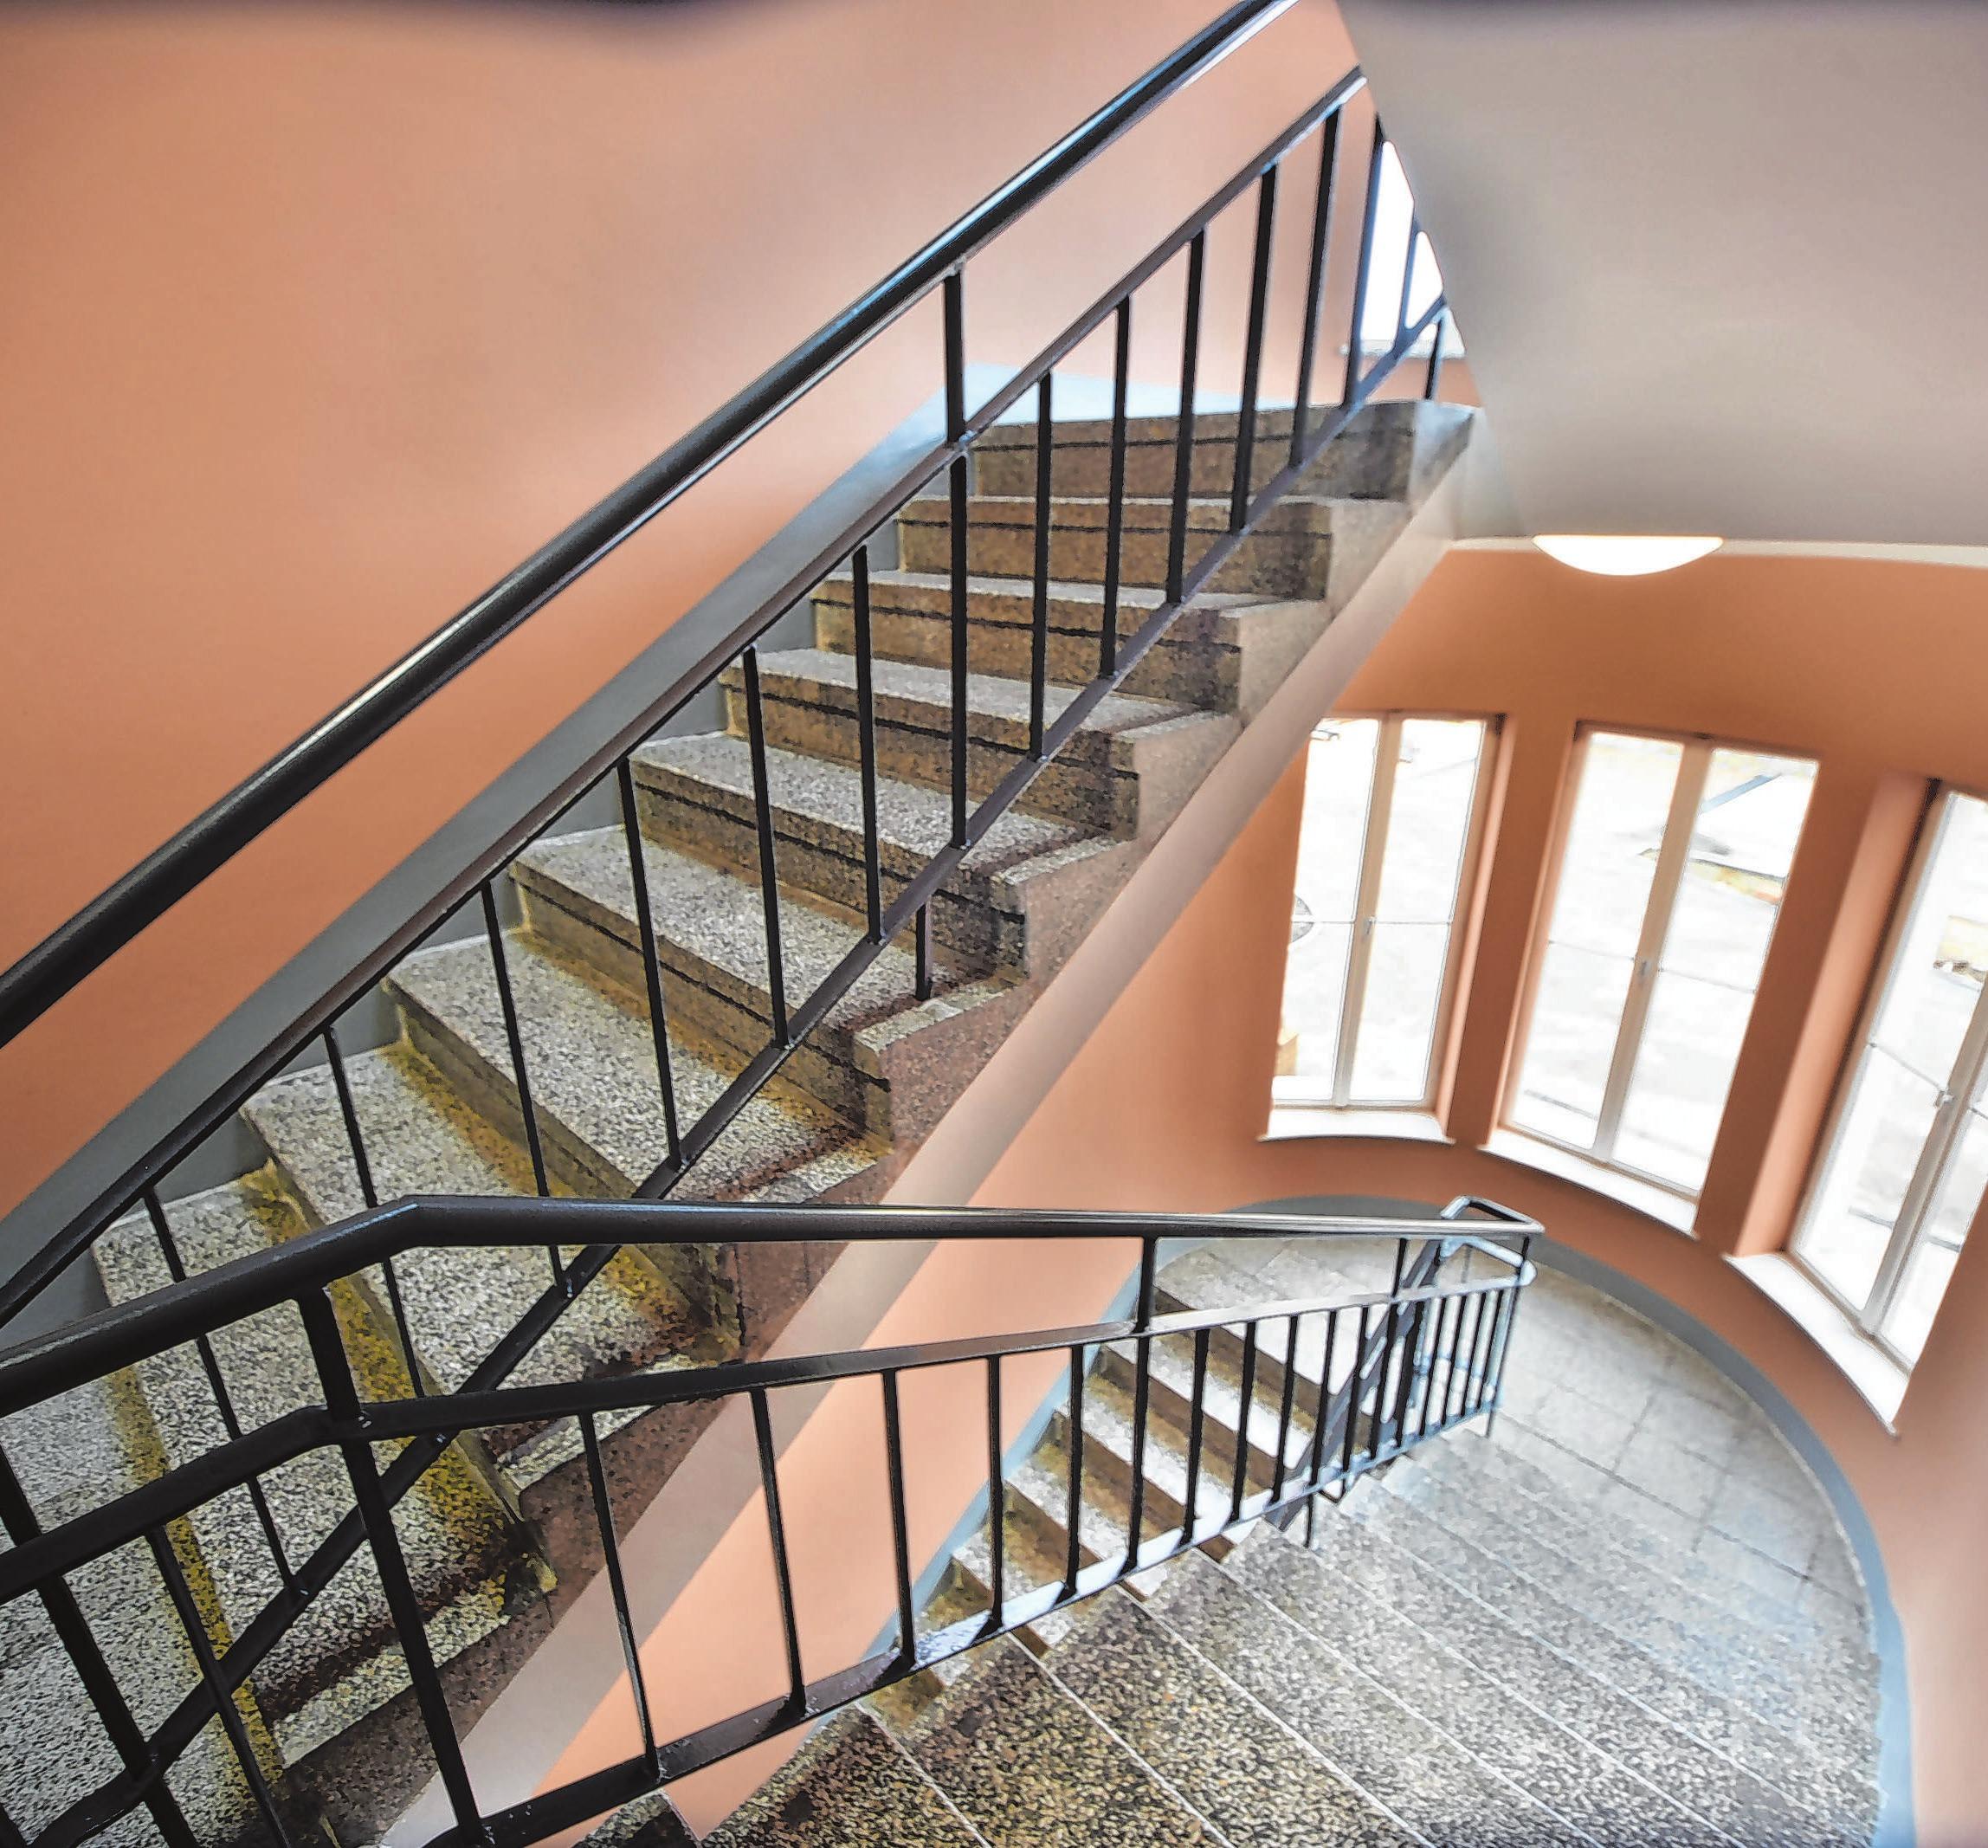 Historie erhalten: Der alte halbrunde Anbau ist ein schicker Treppenaufgang geworden